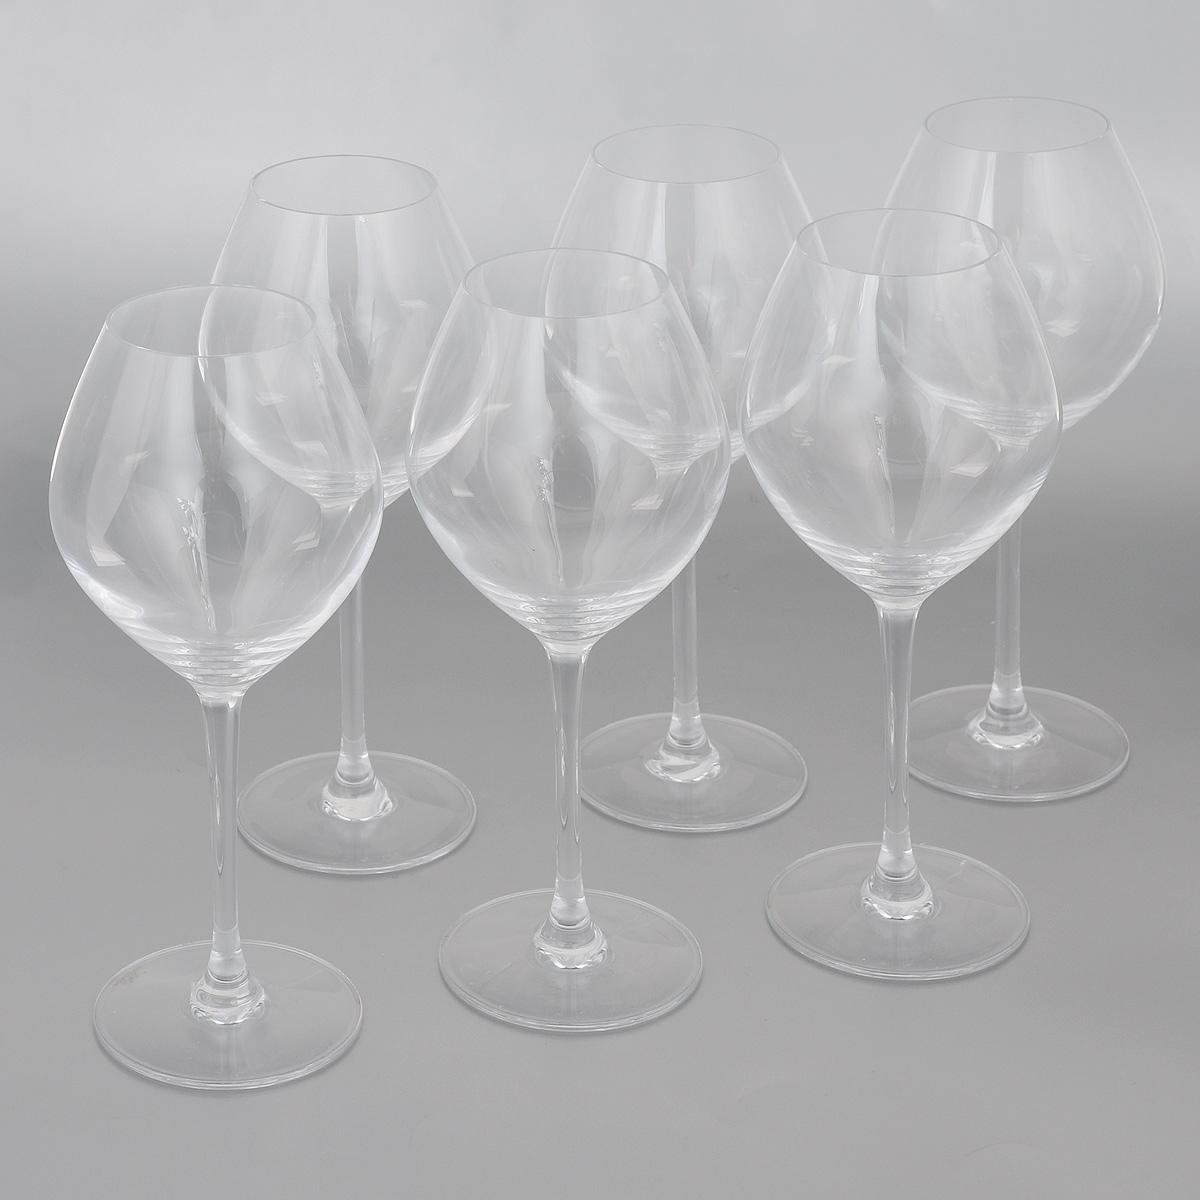 Набор фужеров Cristal dArques Wine Emotions, 470 мл, 6 штH9351Набор Cristal dArques Wine Emotions состоит из 6 фужеров на длинных ножках,из специально разработанного стекла Diamax. Такой набор прекрасно дополнит праздничный стол и станет желанным подарком в любом доме. Диаметр фужера (по верхнему краю): 6 см. Высота фужера: 22 см. Диаметр основания фужера: 8 см.